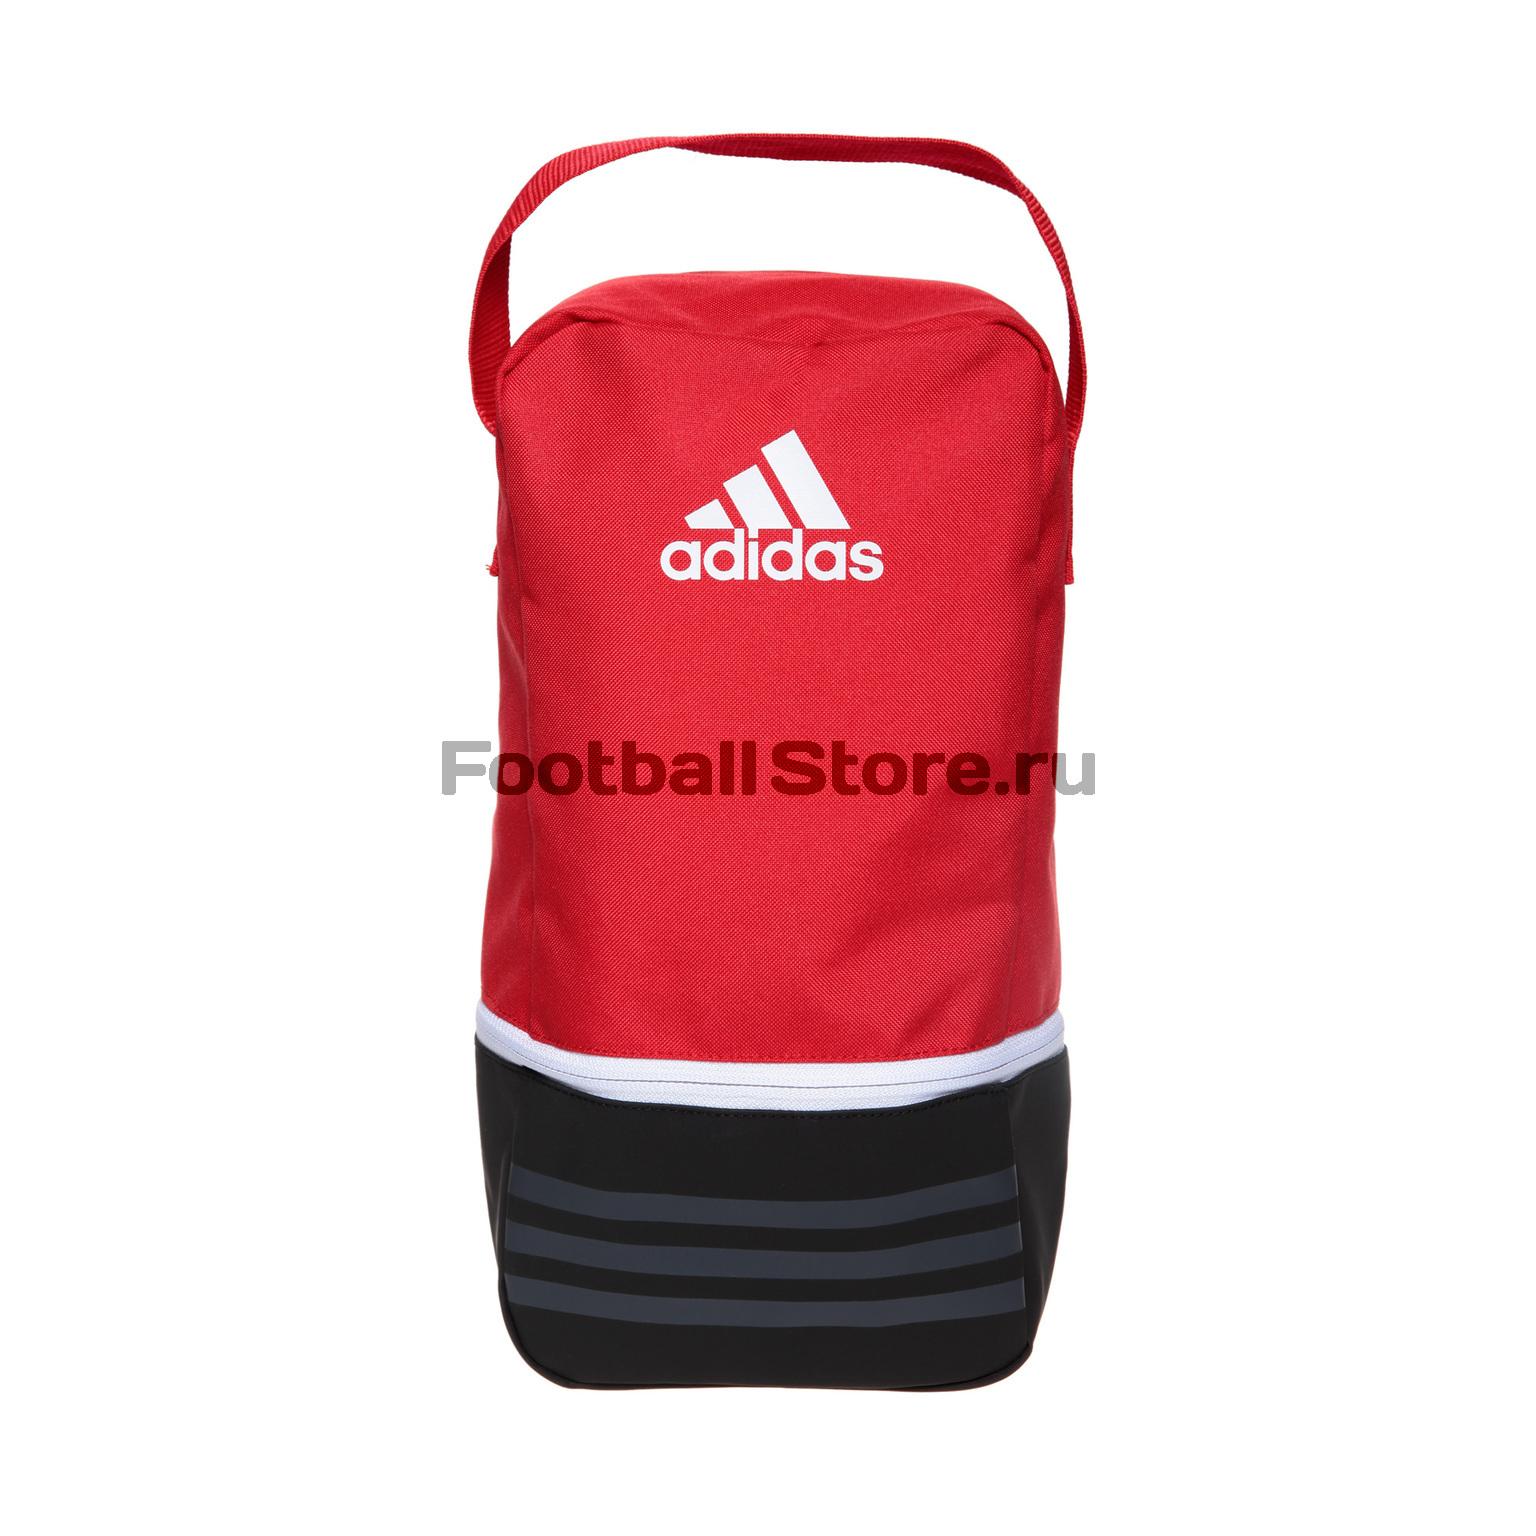 b5118ba3e7bd Сумка для обуви Adidas TIRO SB BS4768 – купить в интернет магазине ...